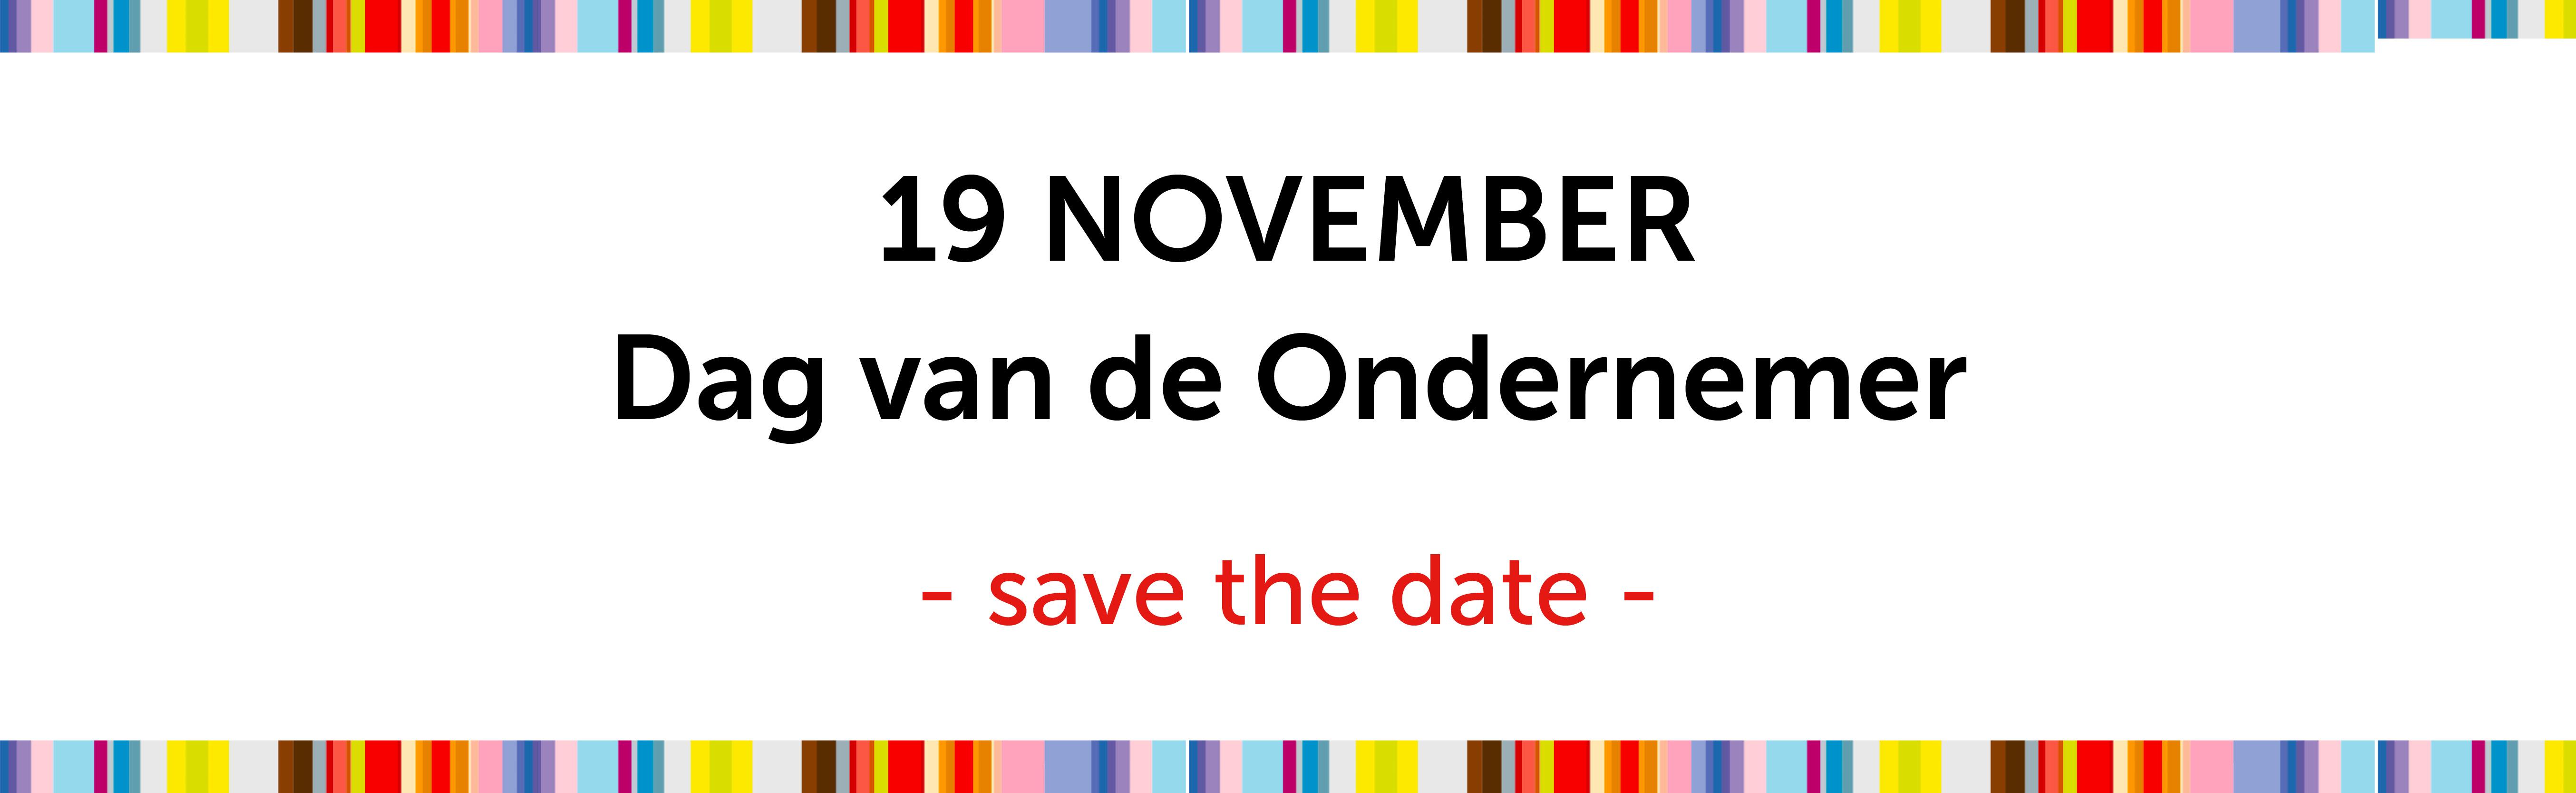 Dag van de Ondernemer België save the date